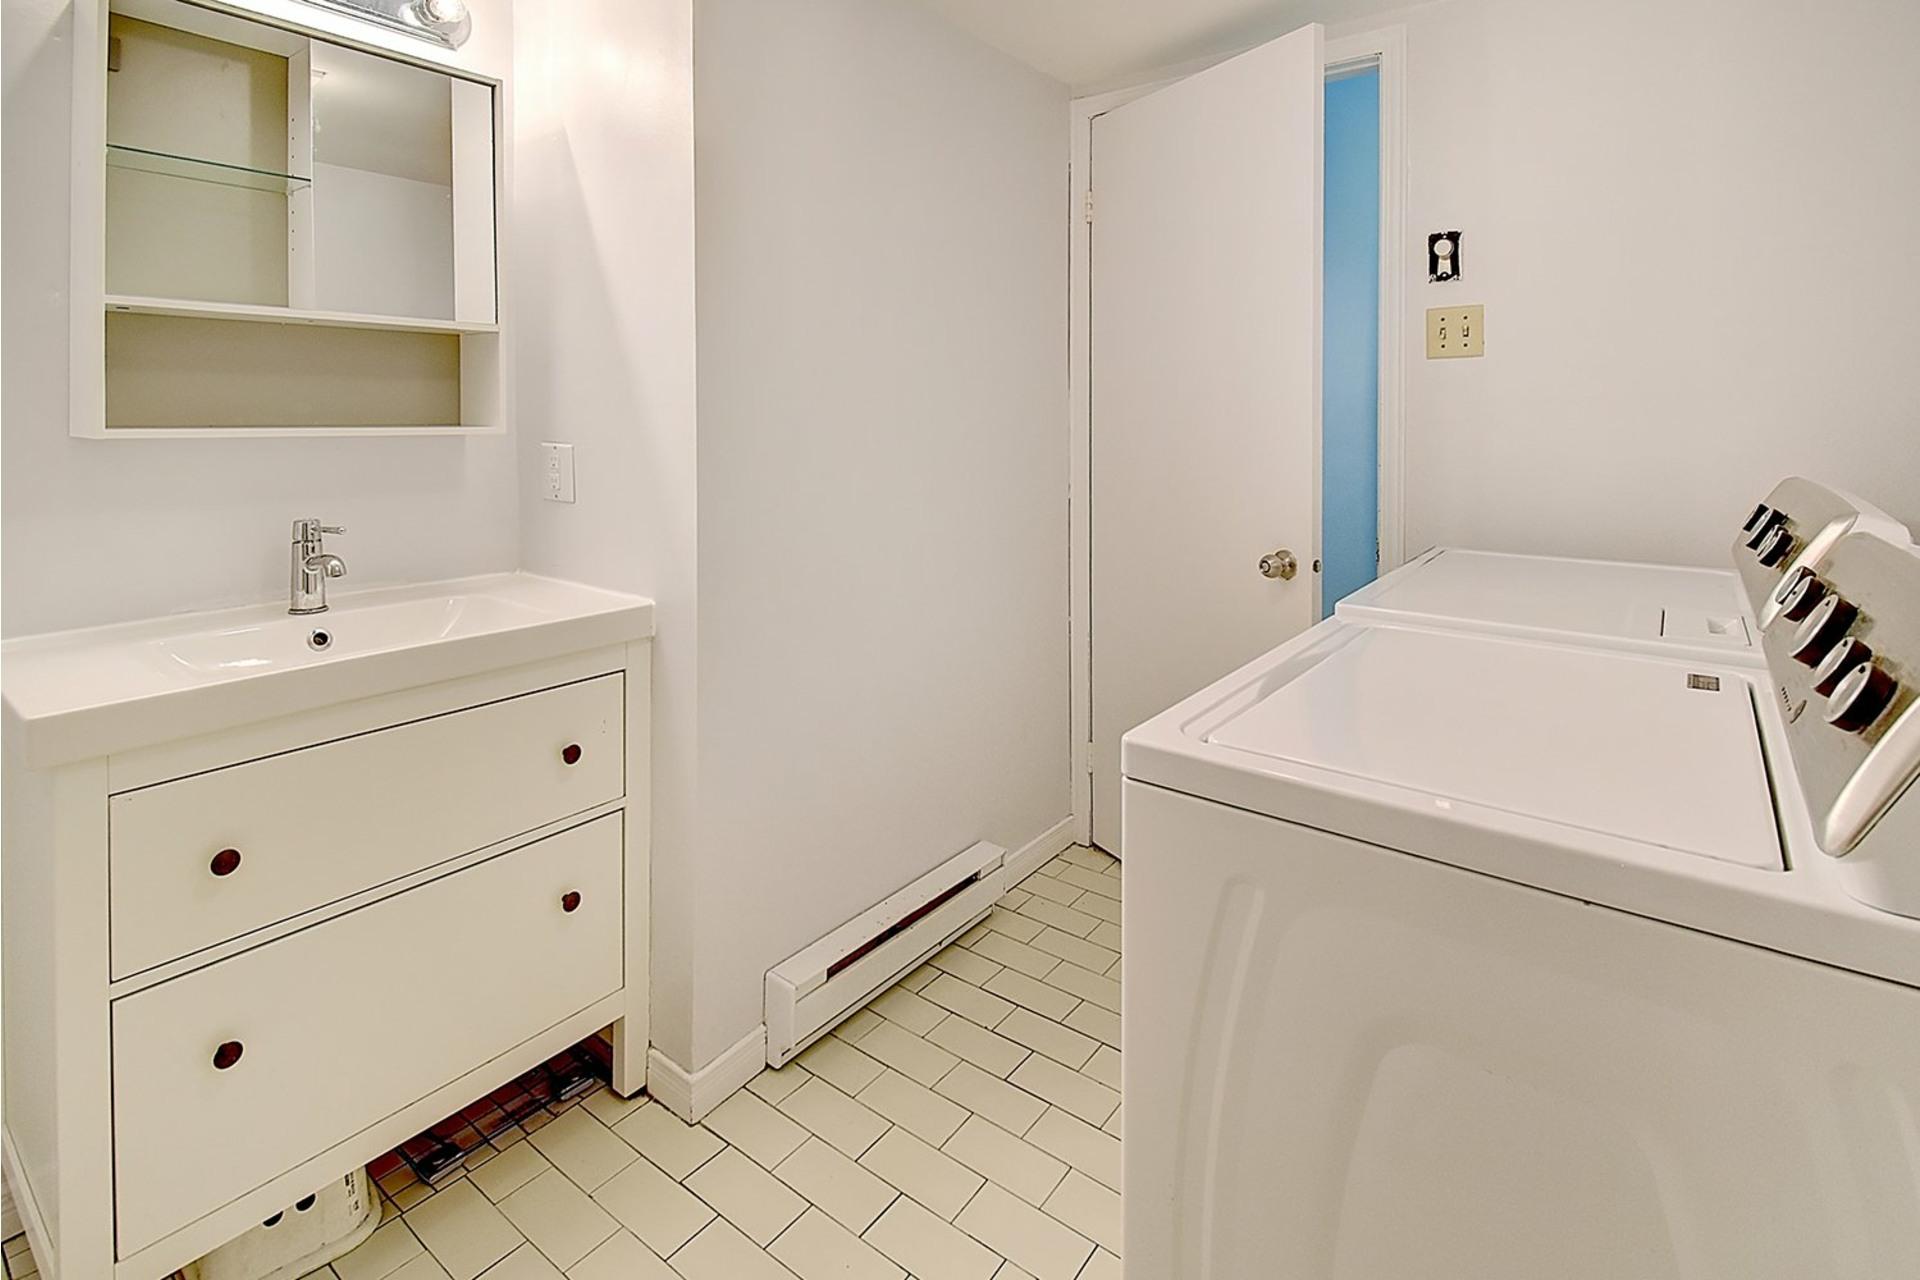 image 18 - Appartement À vendre Verdun/Île-des-Soeurs Montréal  - 7 pièces